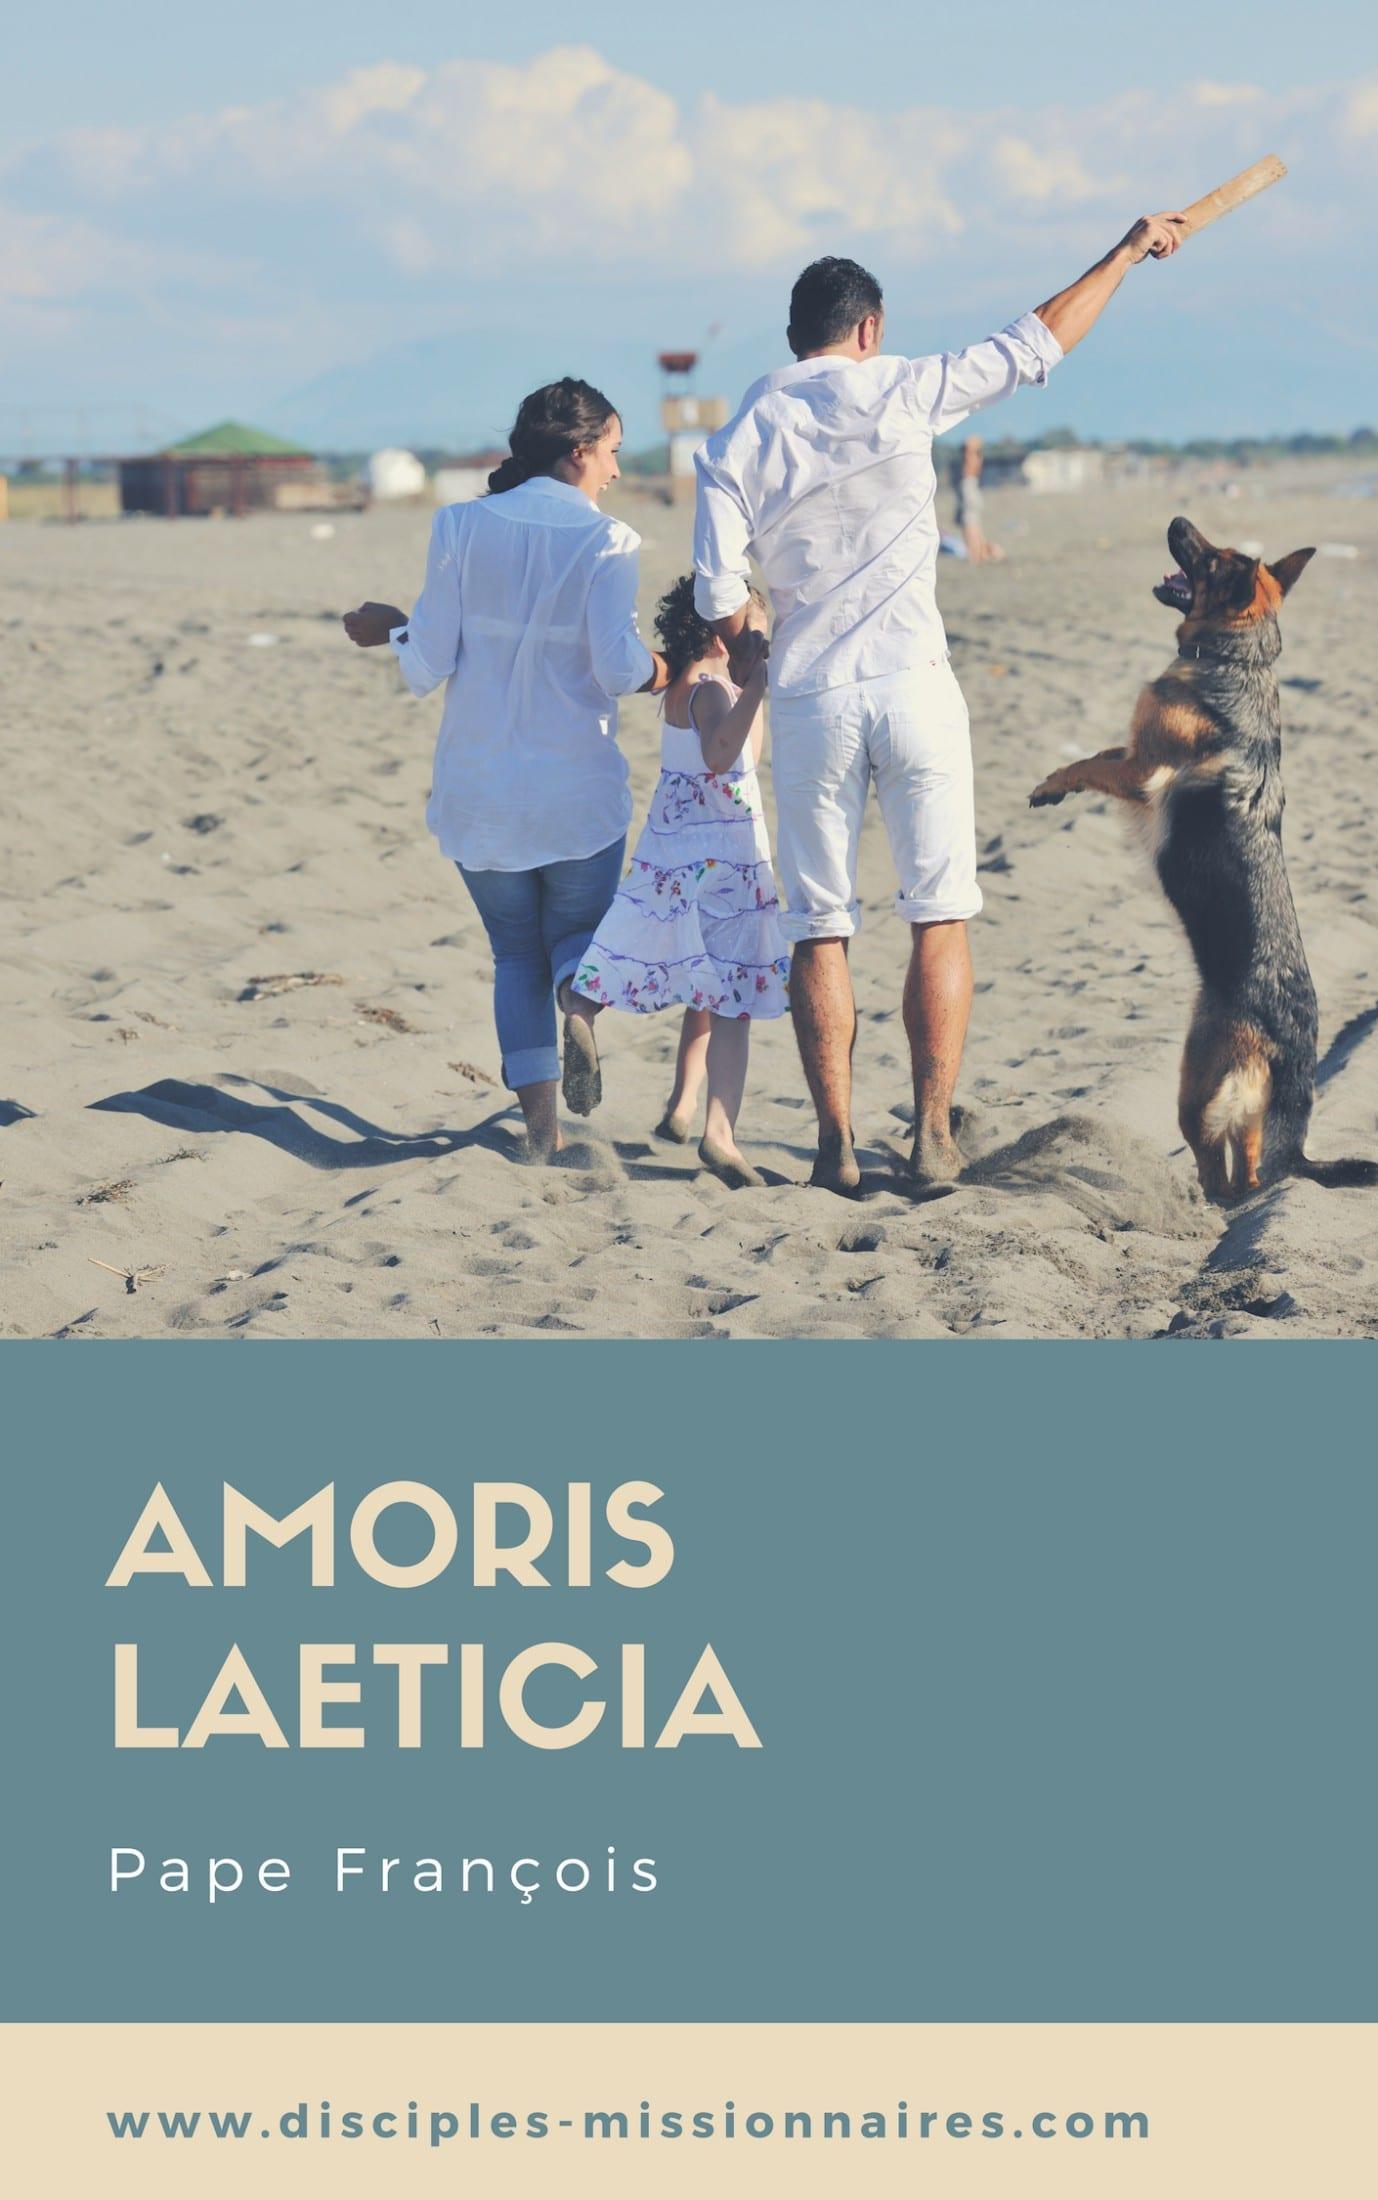 Téléchargez Amoris Laeticia (La Joie de l'Amour) en format électronique